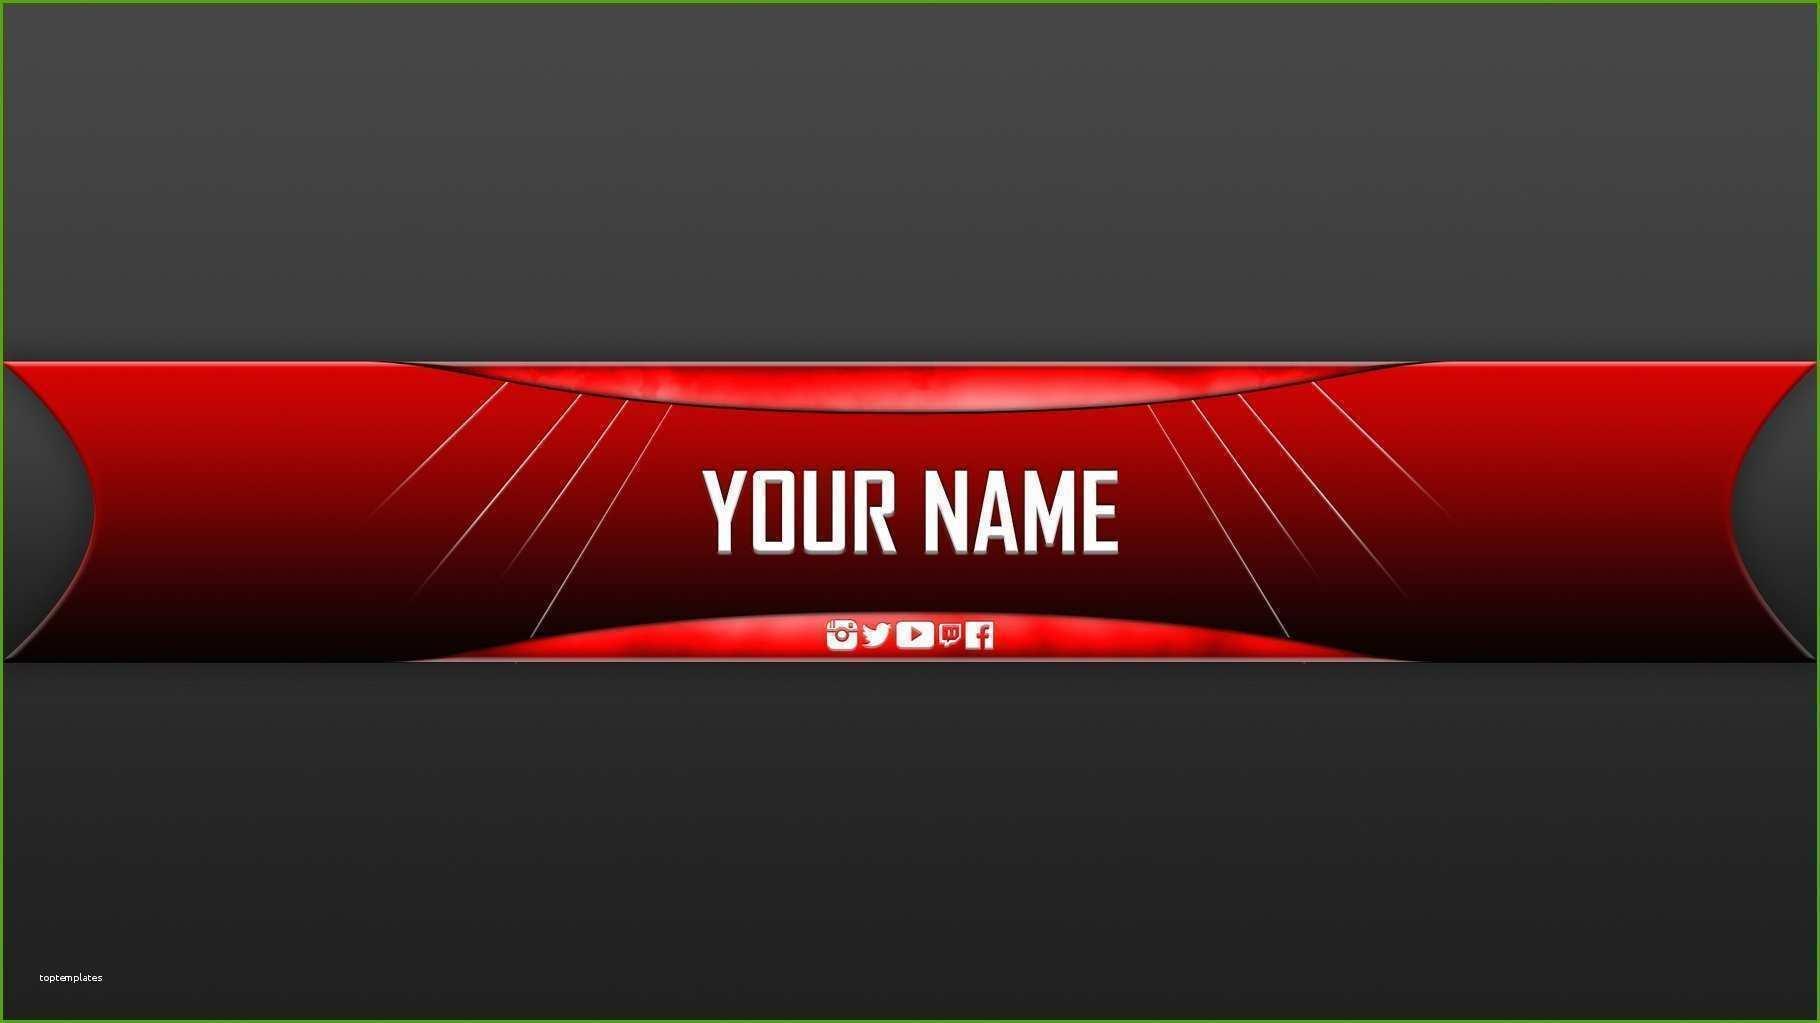 Youtube Kanalbanner Vorlage Gute Youtube Gaming Banner Template Banner Template Banner Ideen Bannervorlage